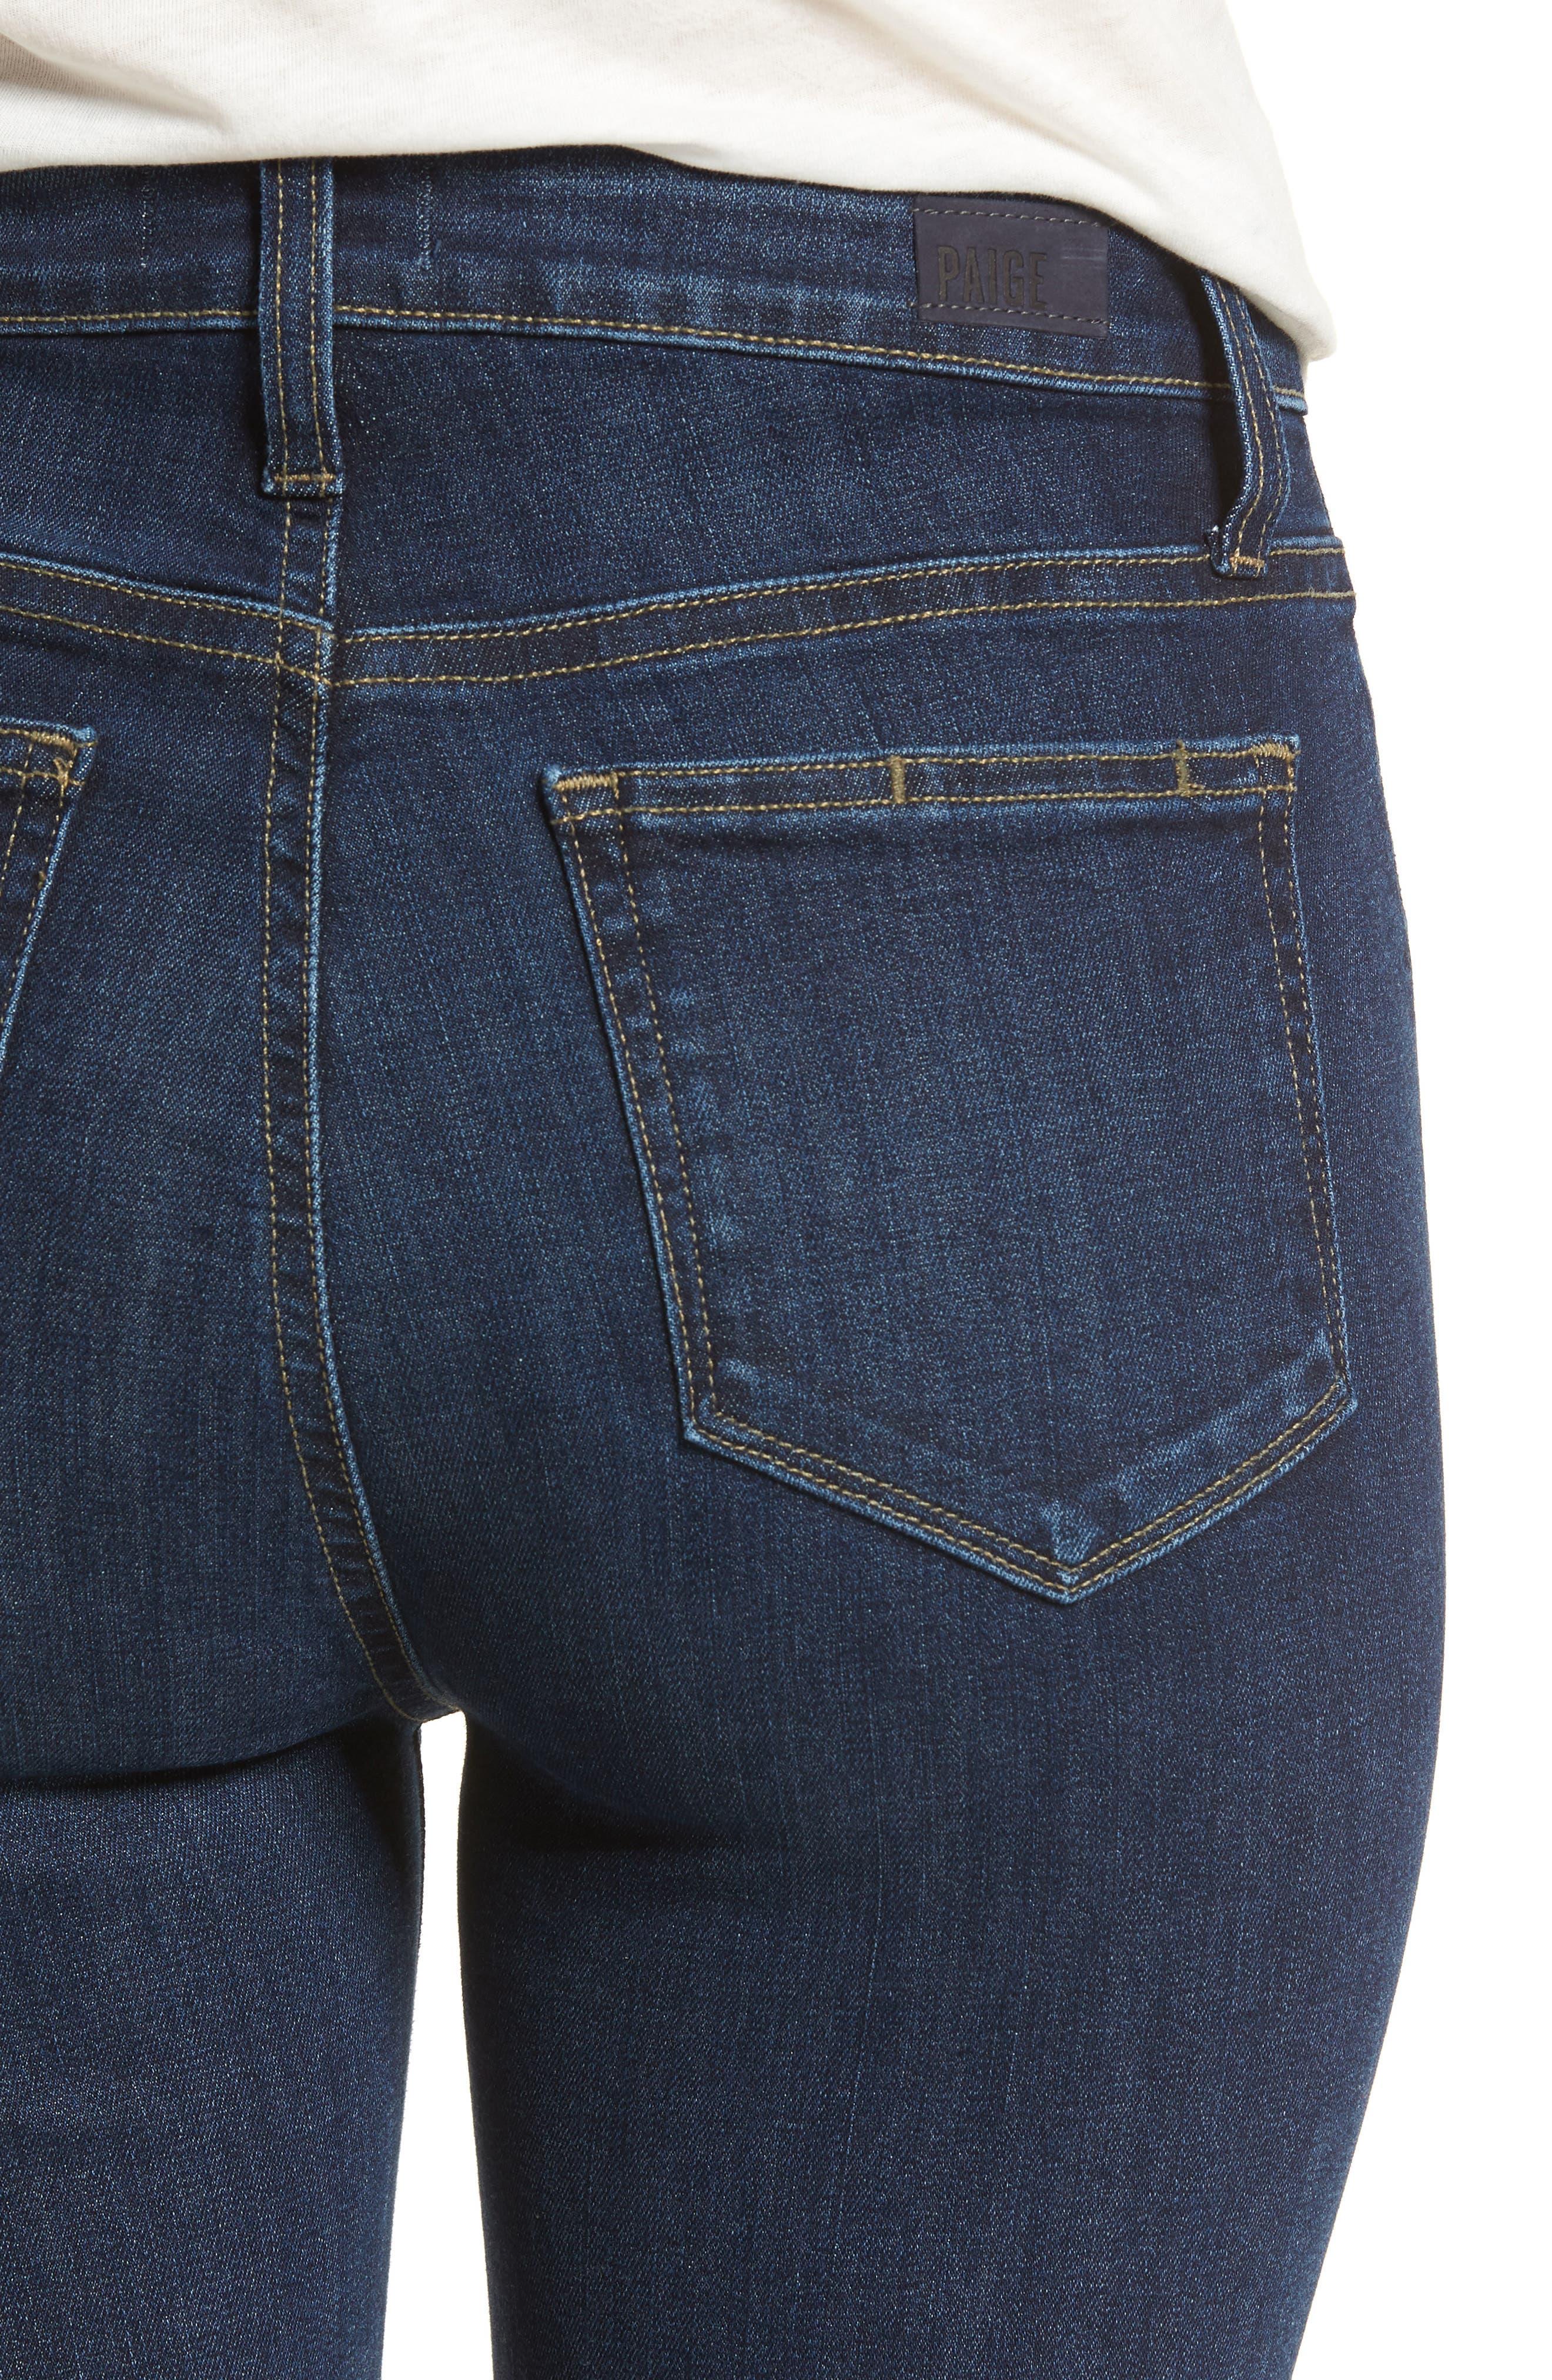 Margot High Waist Ankle Straight Leg Jeans,                             Alternate thumbnail 4, color,                             400